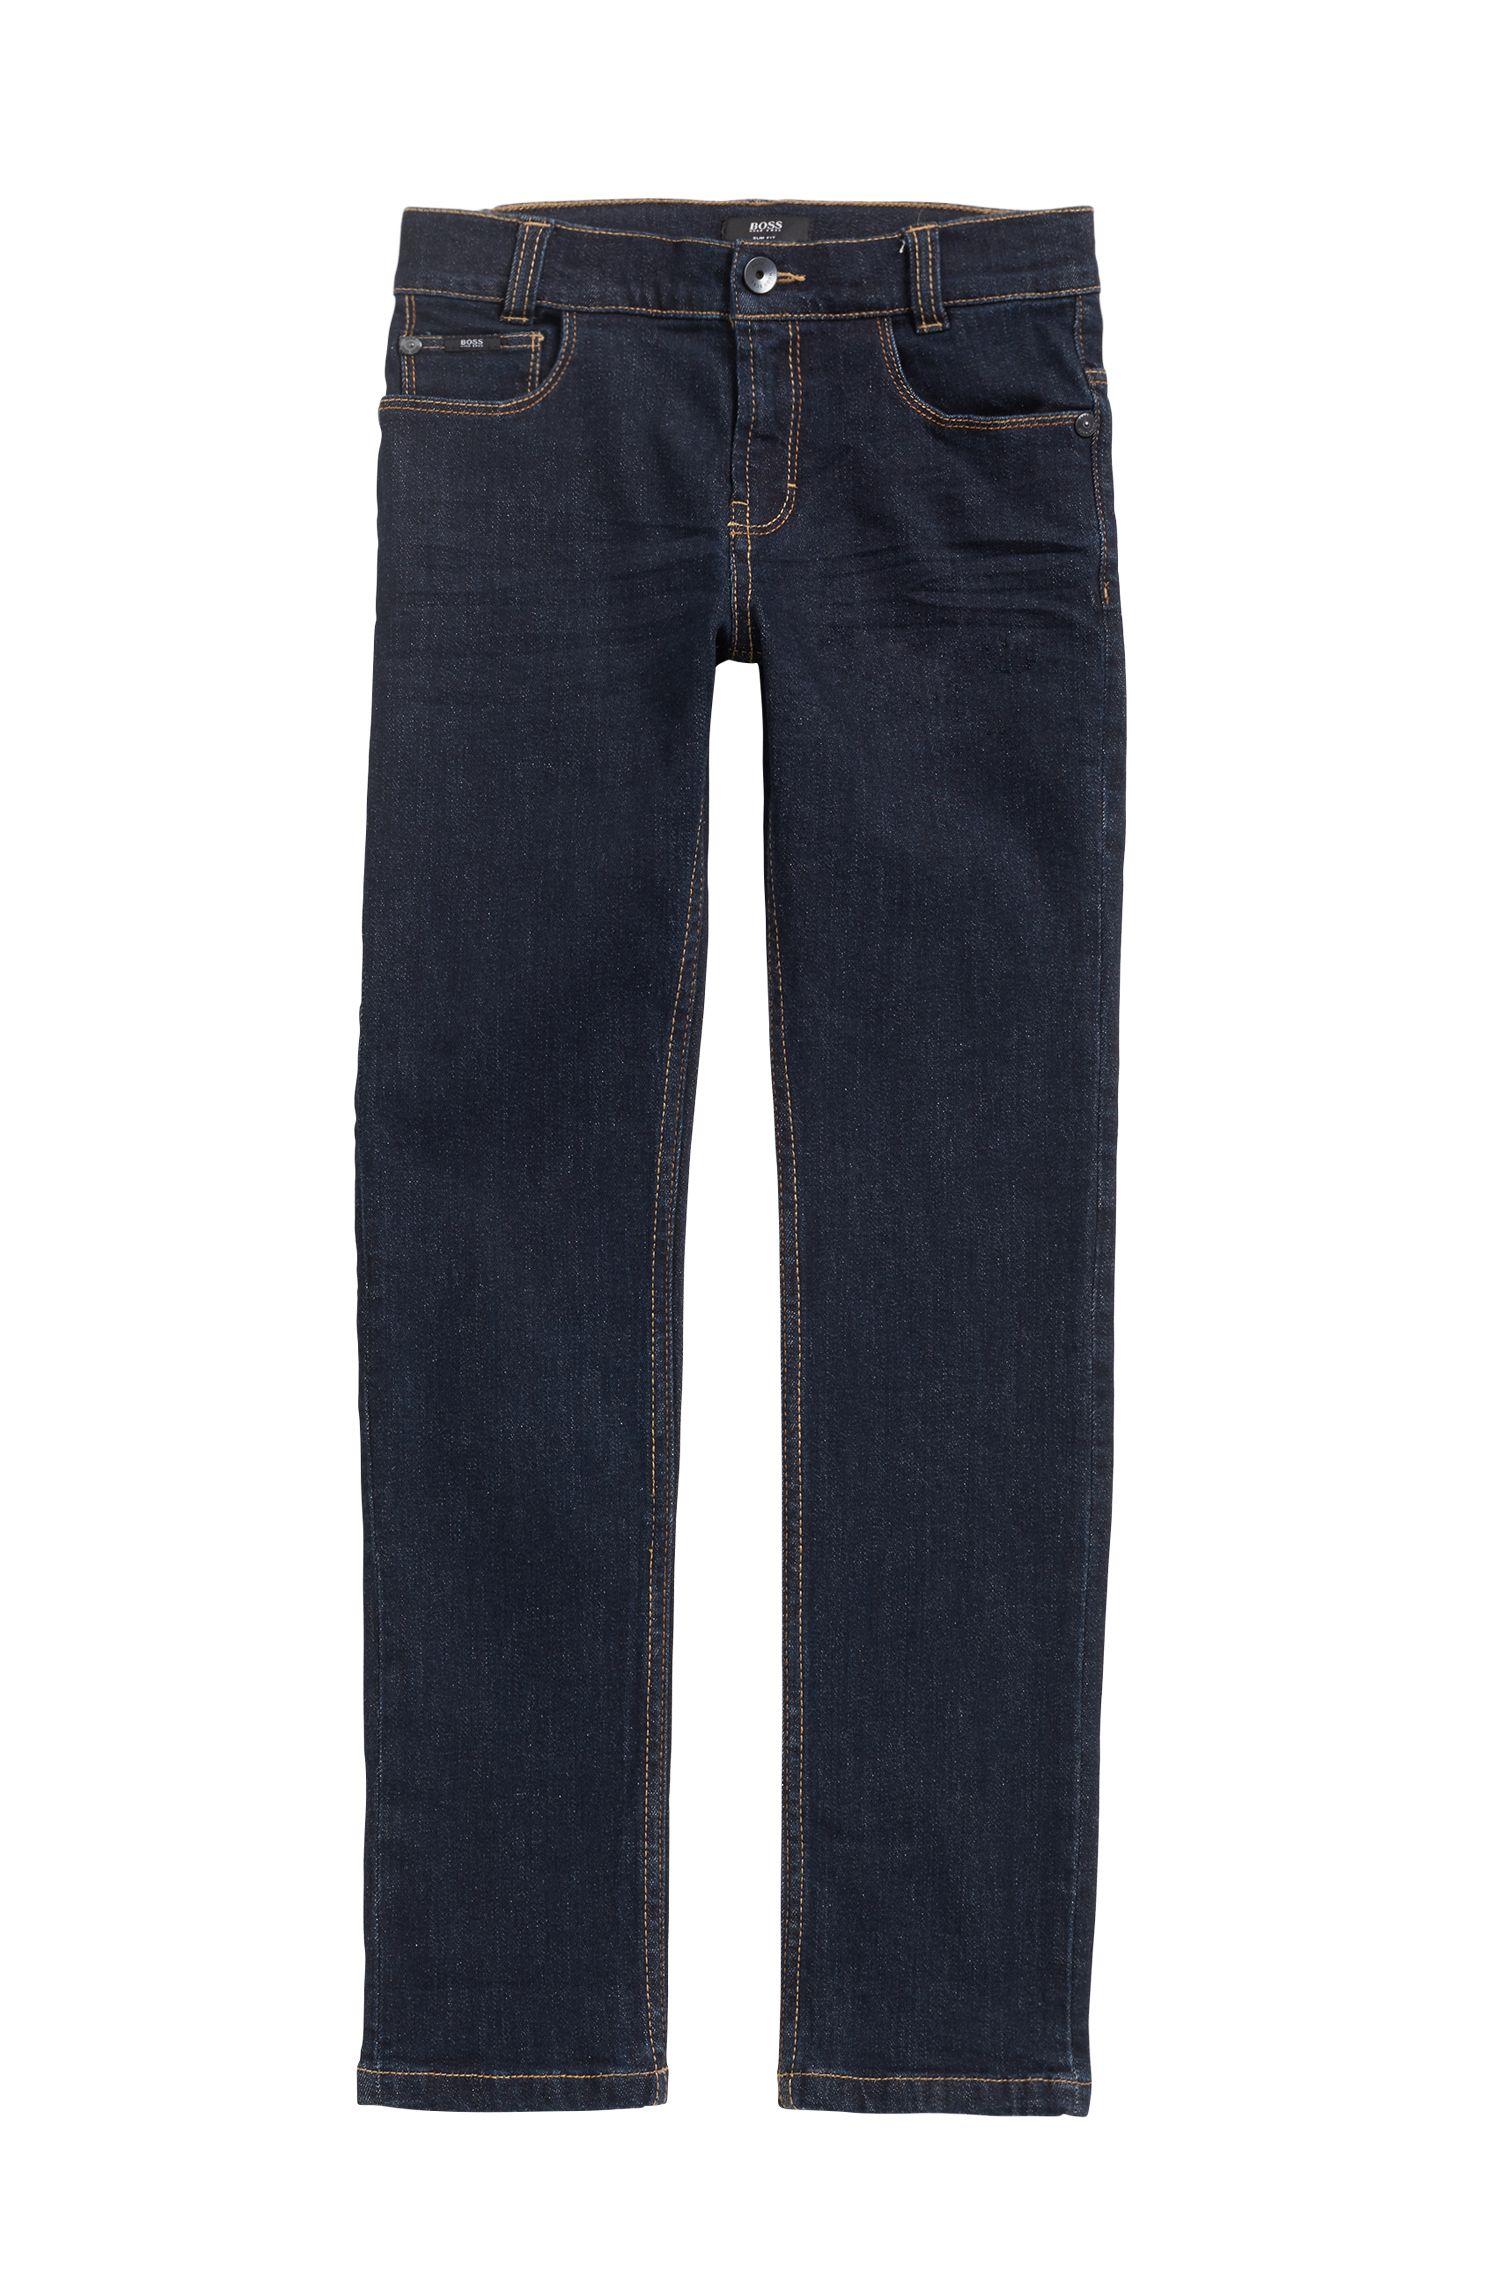 Kids-Jeans aus gewaschenem Stretch-Denim, Gemustert